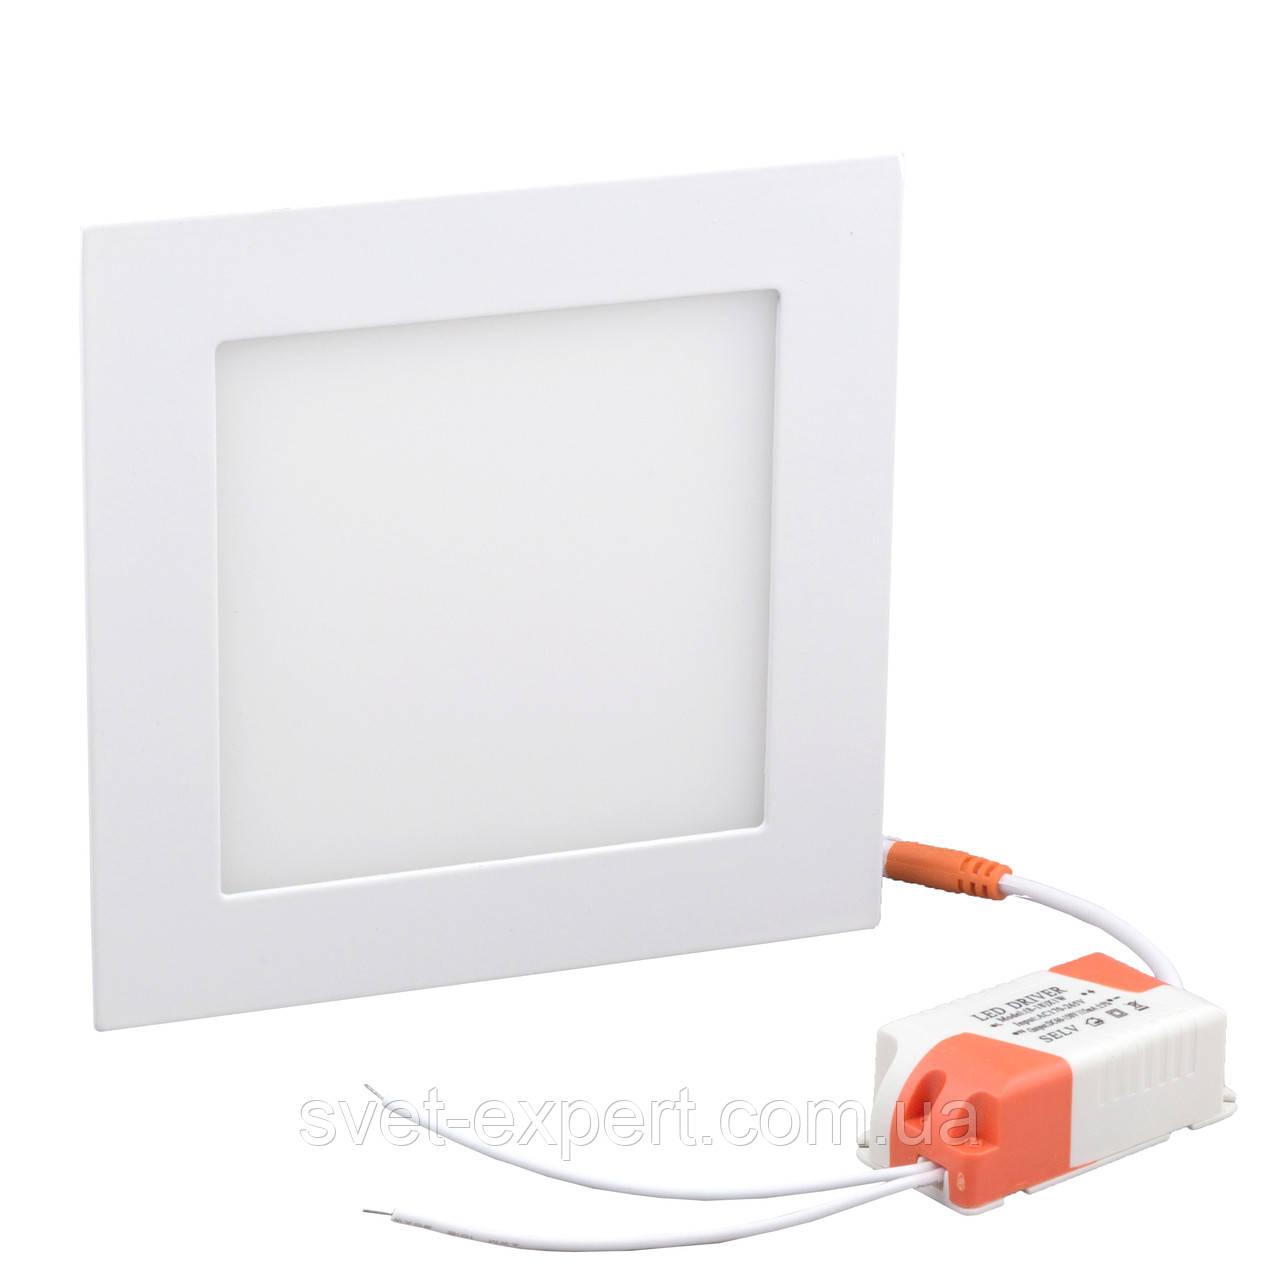 Світильник точковий Евросвет LED-S-170-12 12W 6400К вбудований